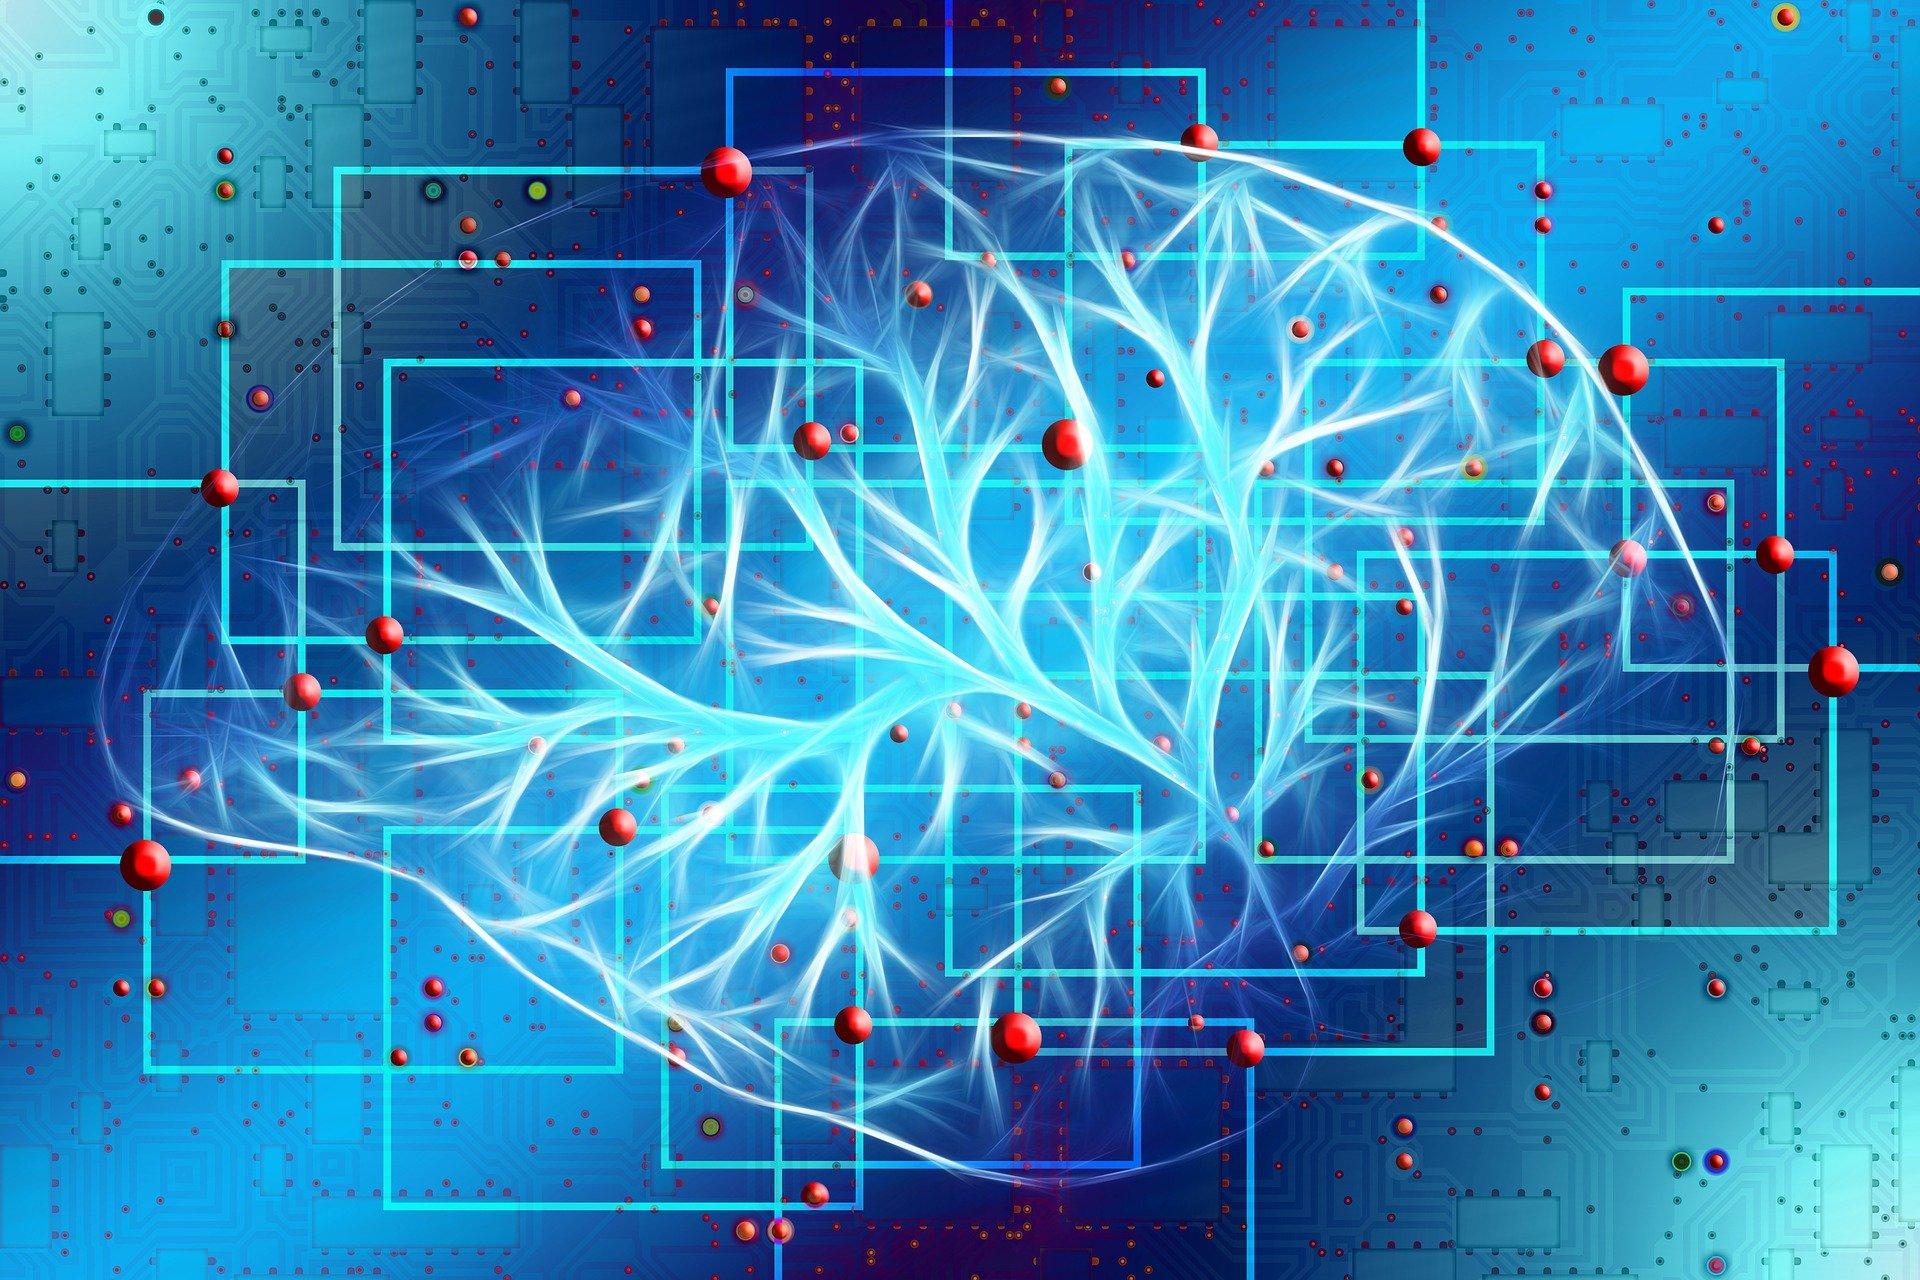 ¿Cerebro envejecido? Claves para revitalizar nuestra mente